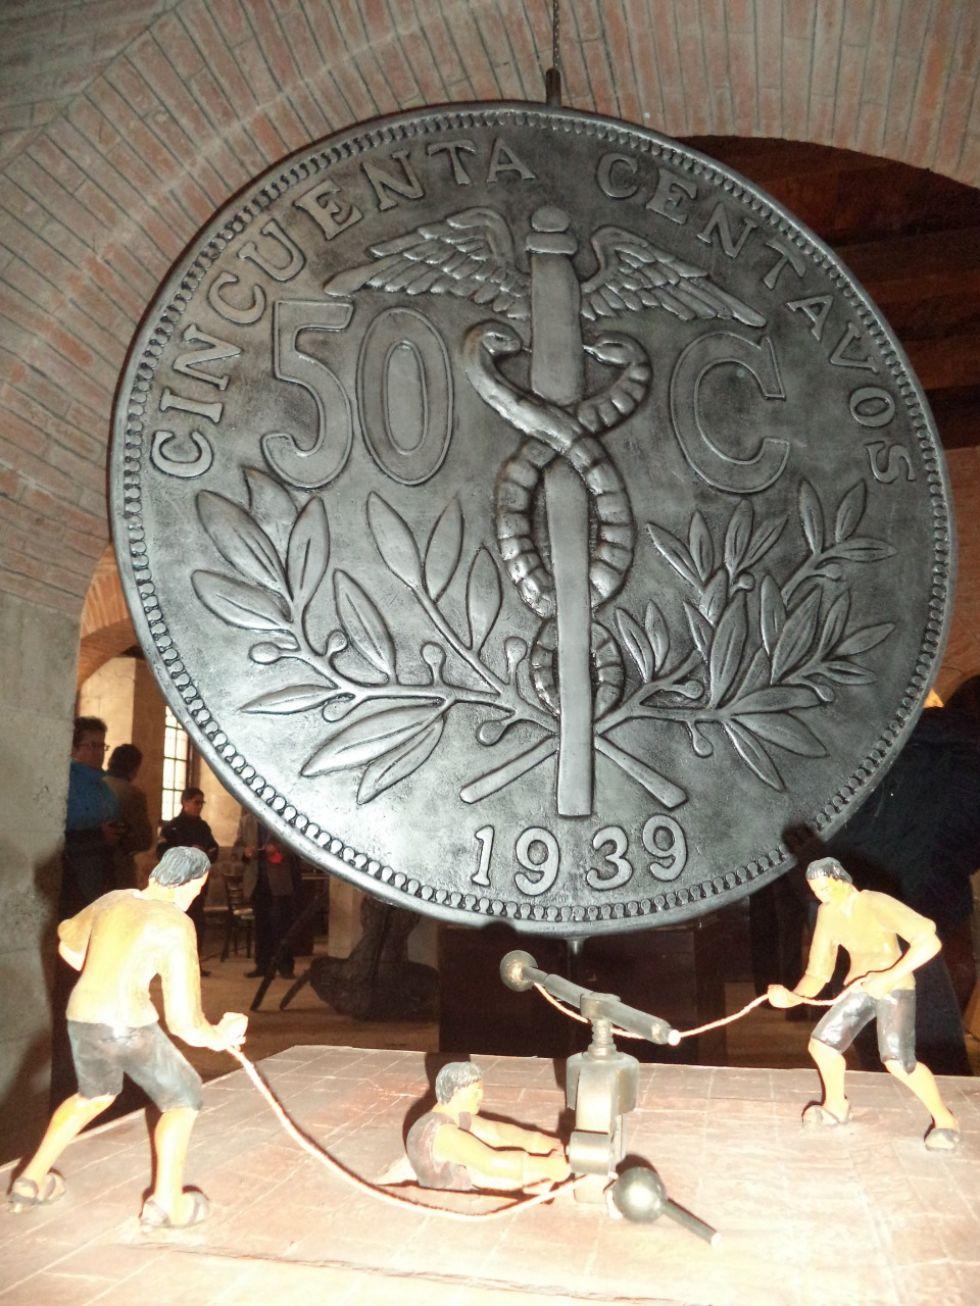 Prensistas y una moneda republicana.